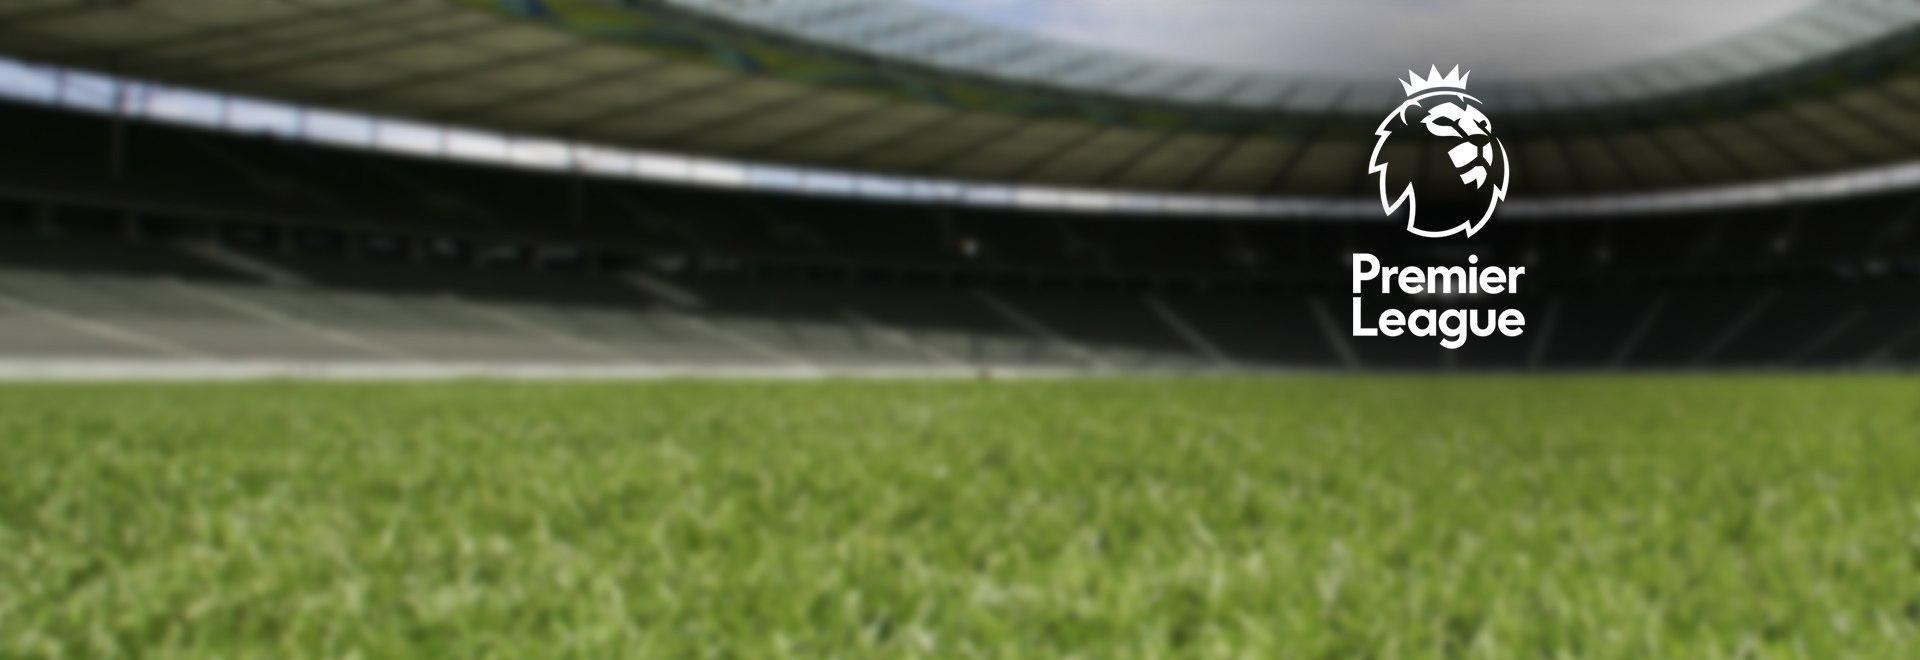 Crystal Palace - Southampton. 1a g.